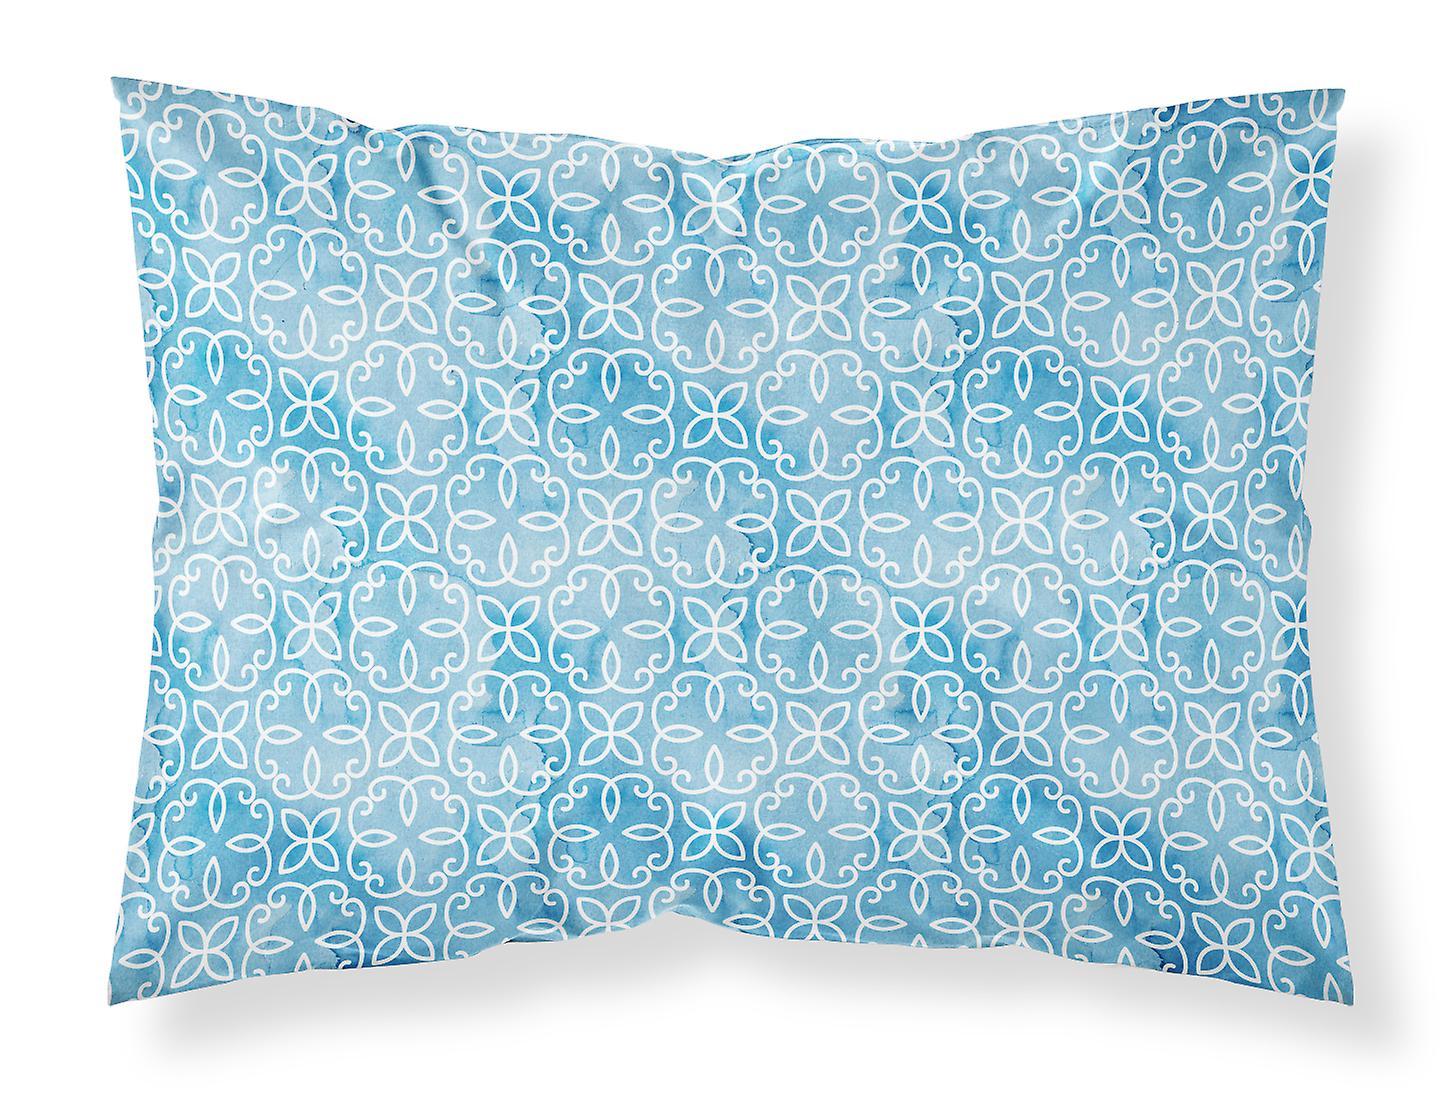 Aquarelle Sur Bleu Standard D'oreiller Taie Géométrique Tissu Cirlce Iby67gvYf